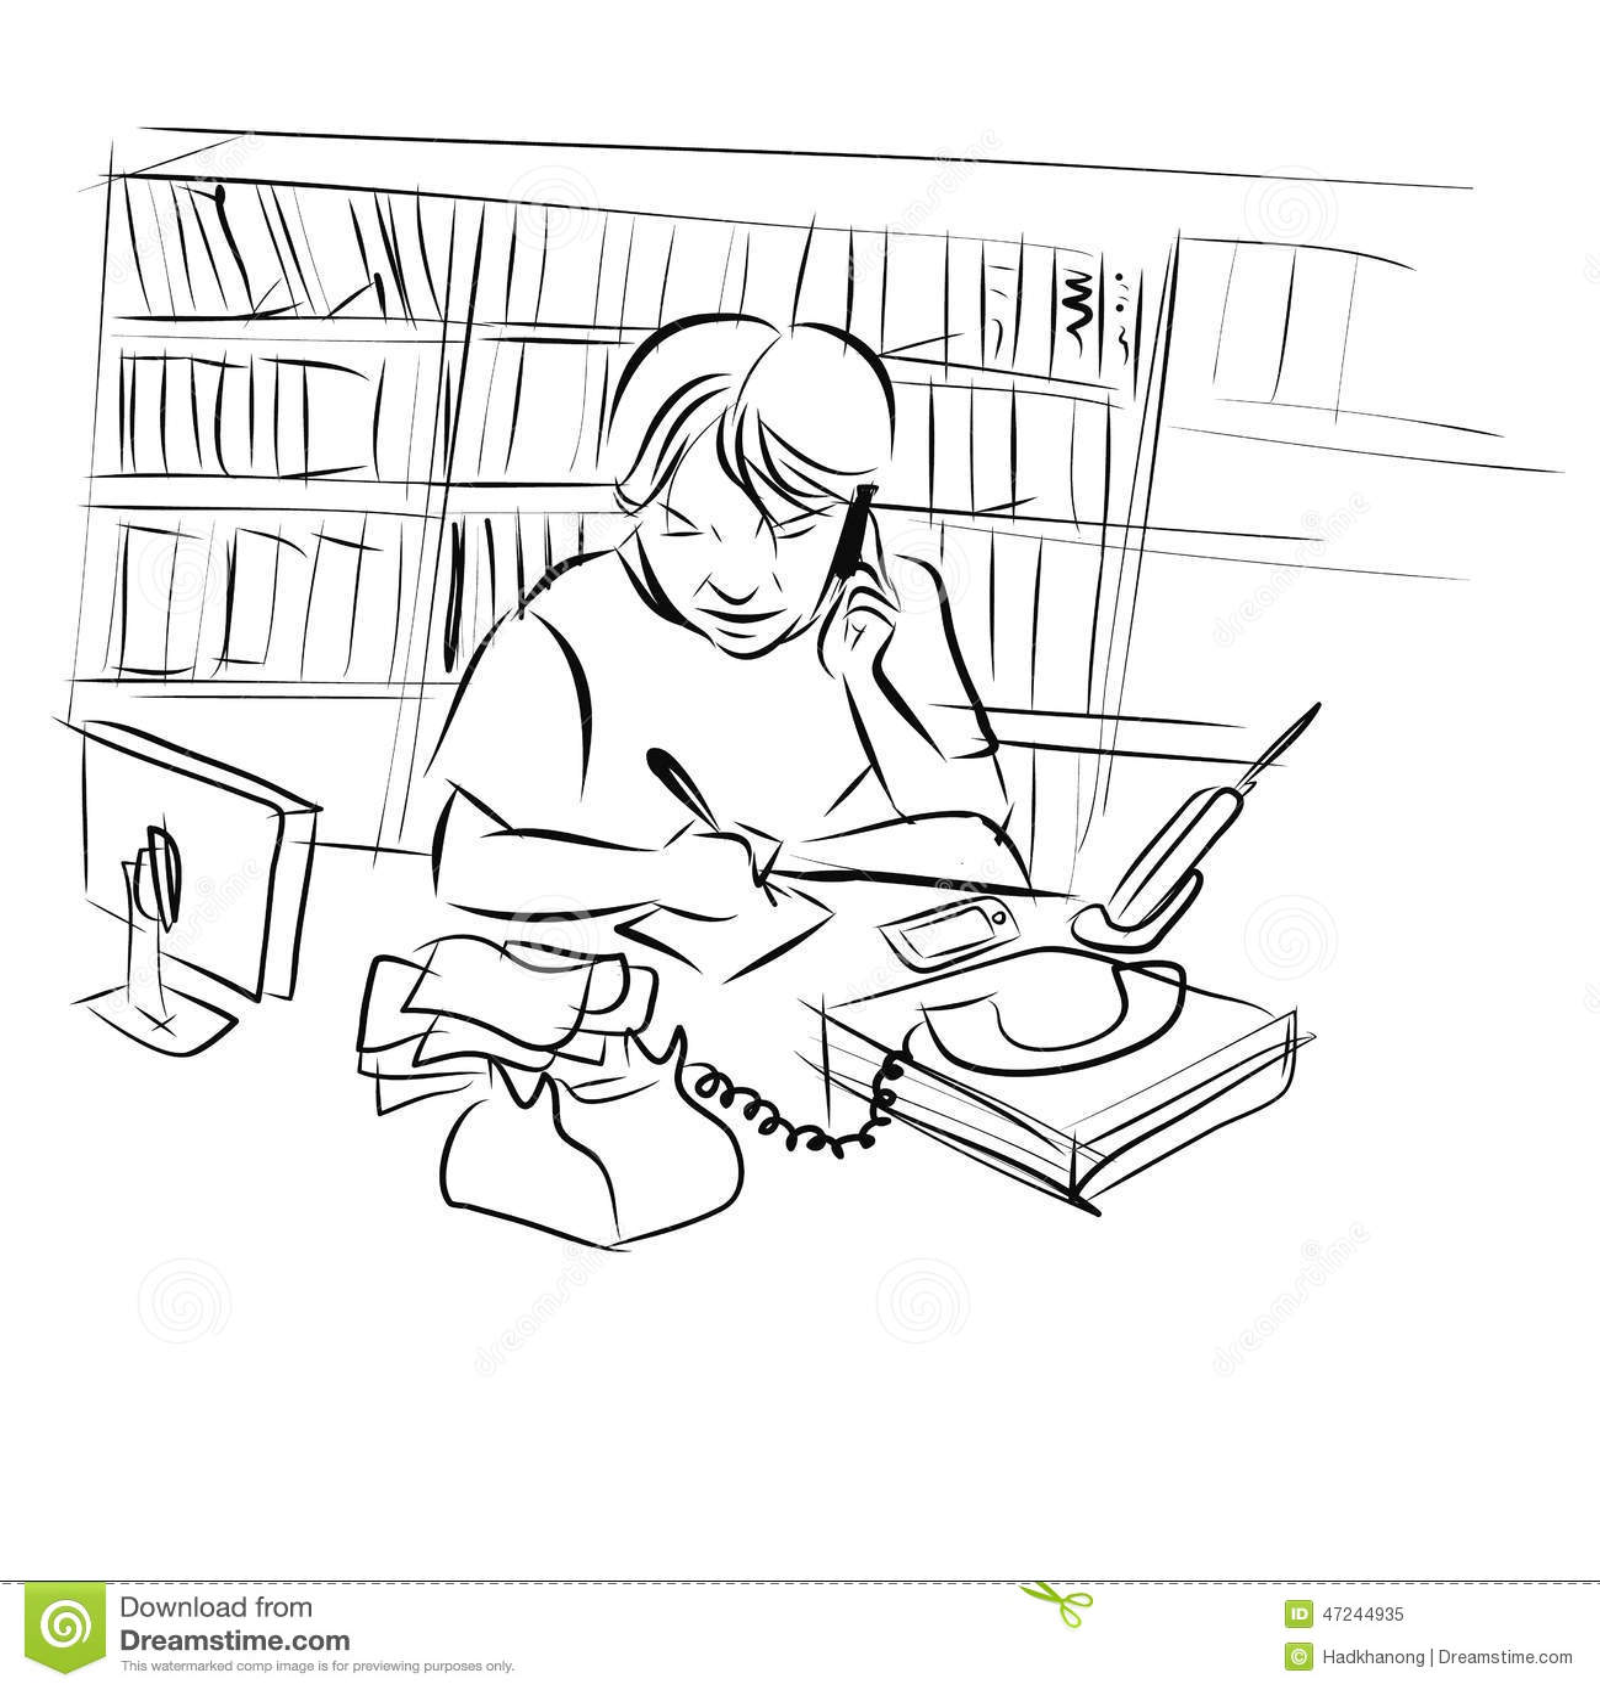 dessin de l 39 homme travaillant son bureau illustration de vecteur image 47244935. Black Bedroom Furniture Sets. Home Design Ideas